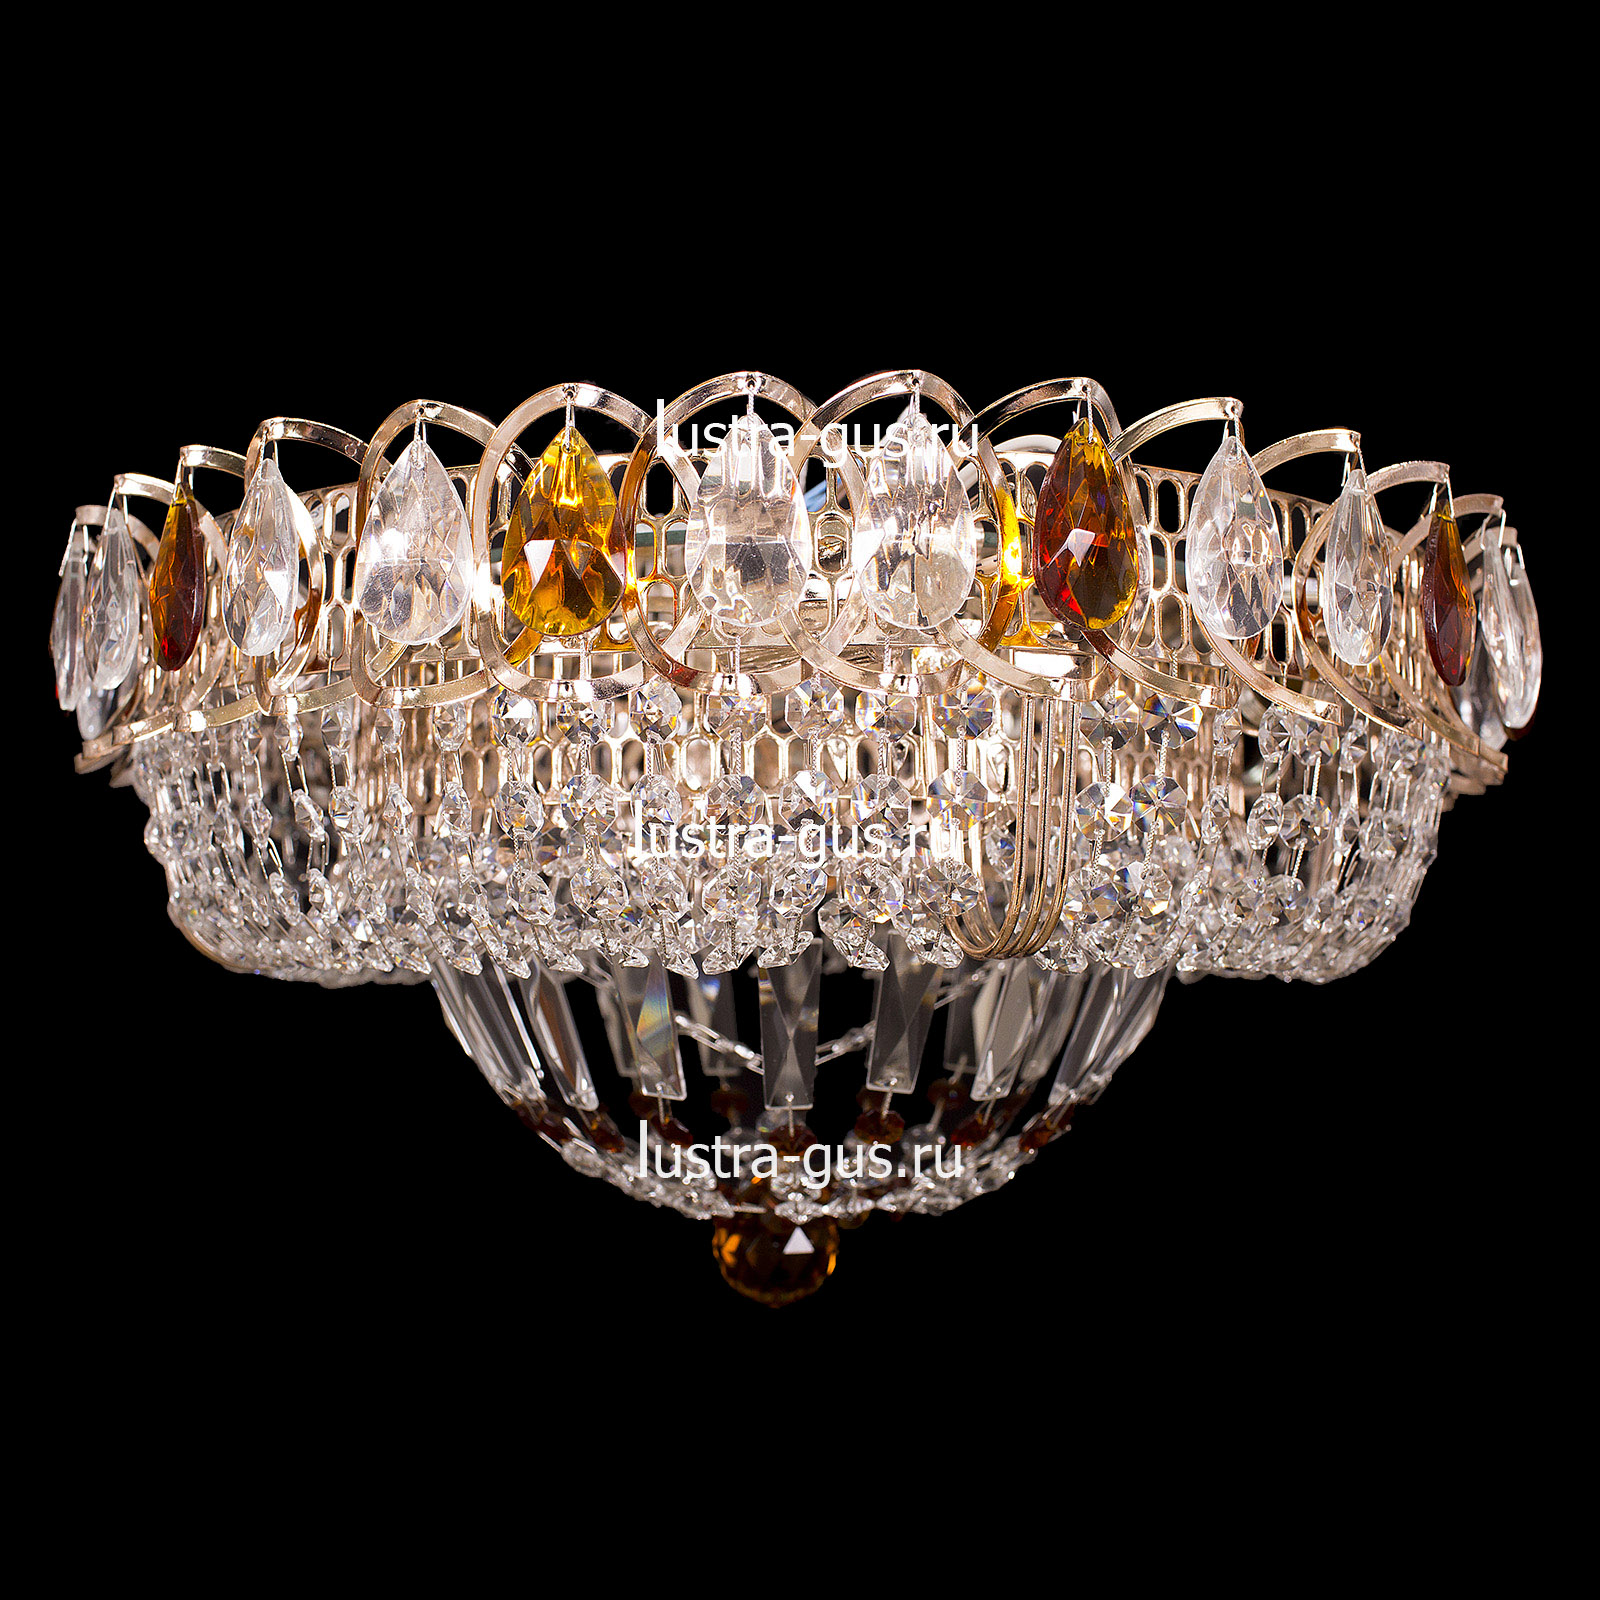 Светодиодная лампа 7 ватт эквивалент